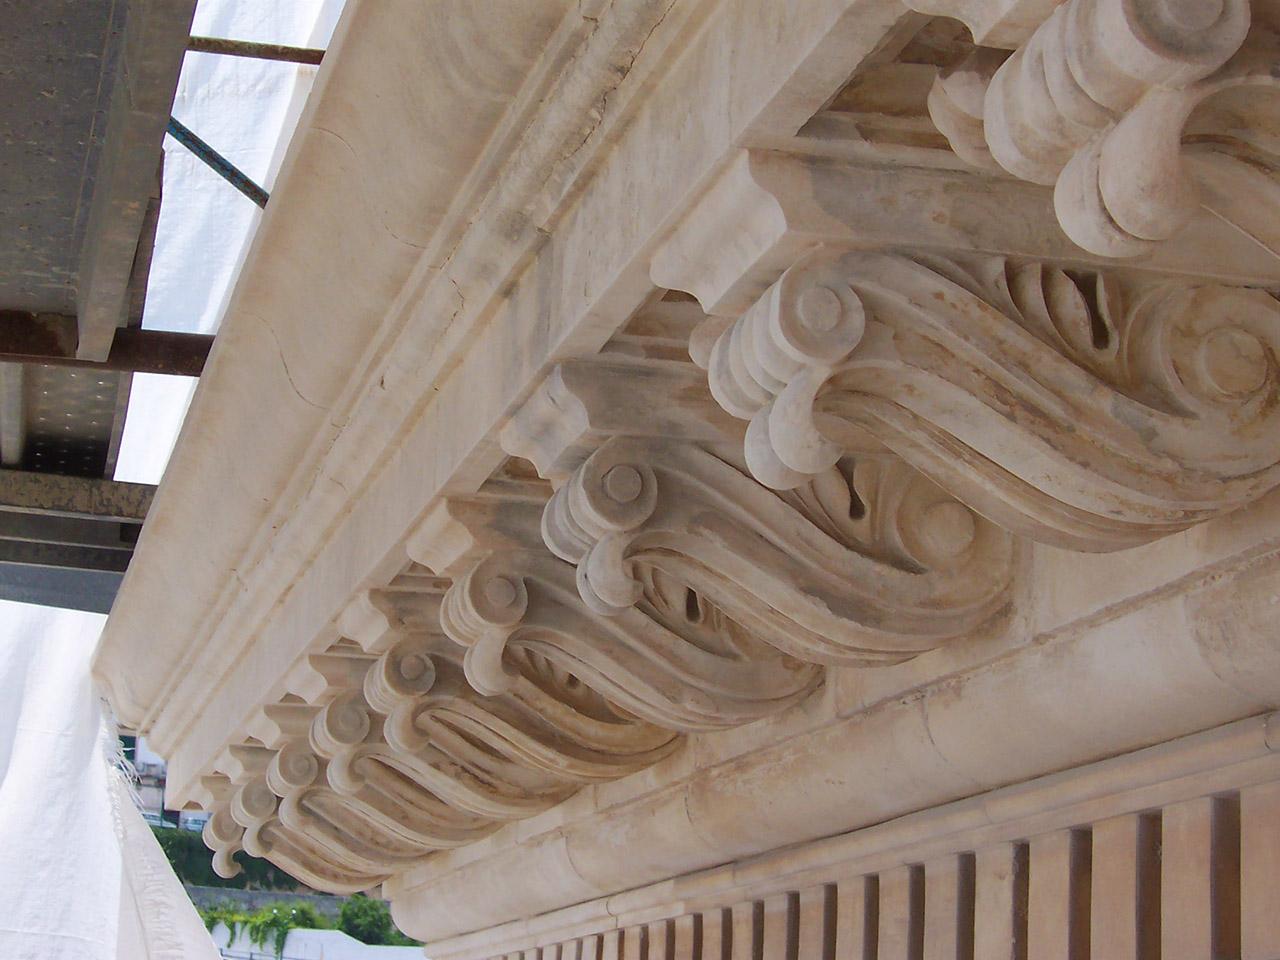 costruzioni restauri sirio ostuni chiesa madonna della grata ostuni 100 1036 1